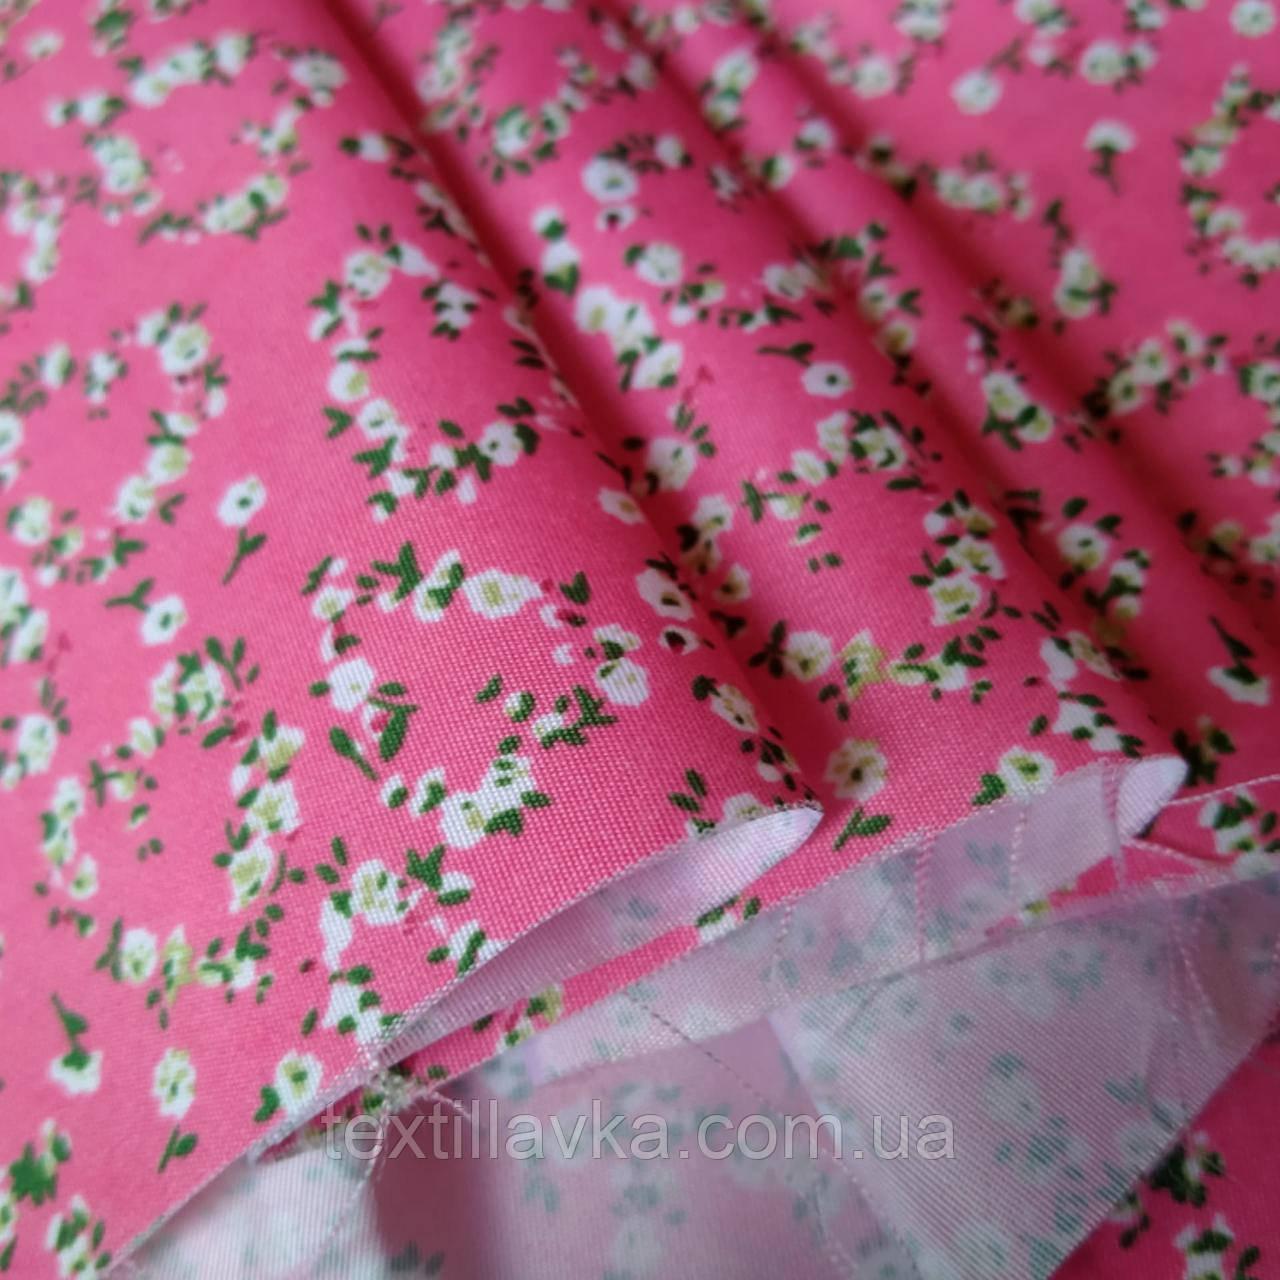 Клапоть тканини для лялькового одягу плащова квіточки дрібні